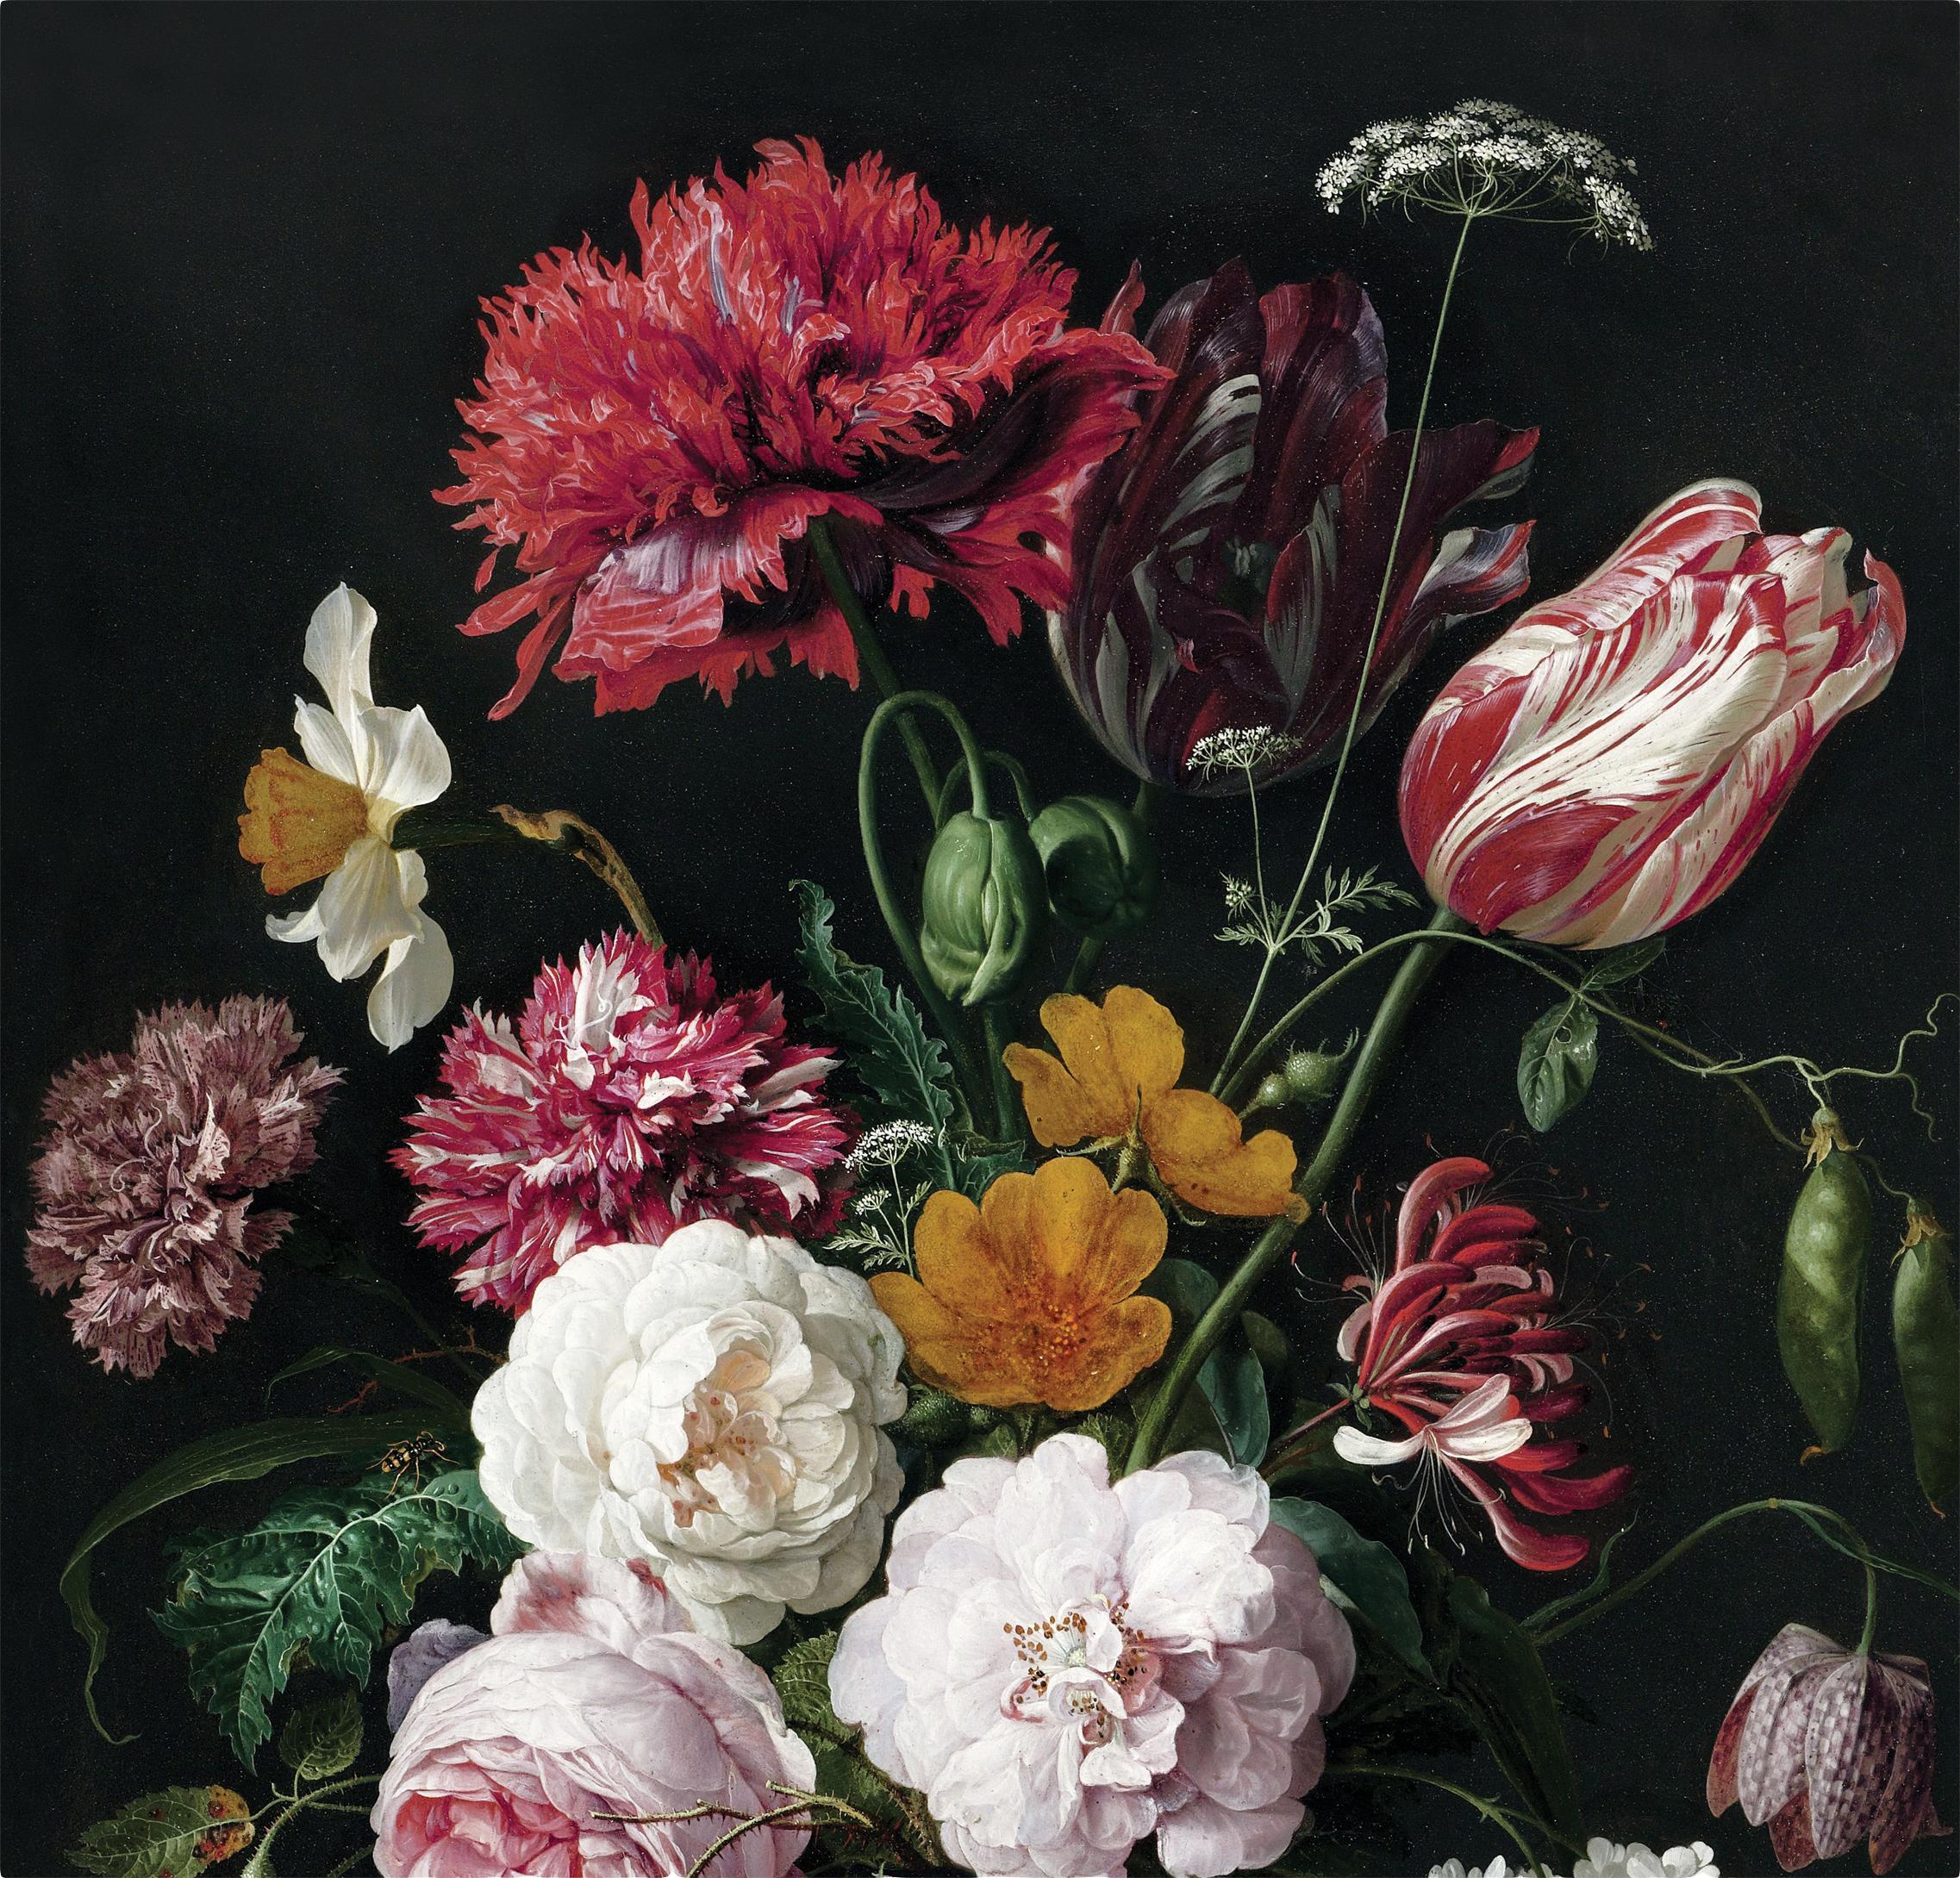 Fototapete Golden Age Flowers, Vlies, umweltfreundlich und biologisch abbaubar, Mehrfarbig, matt, 292 x 280 cm